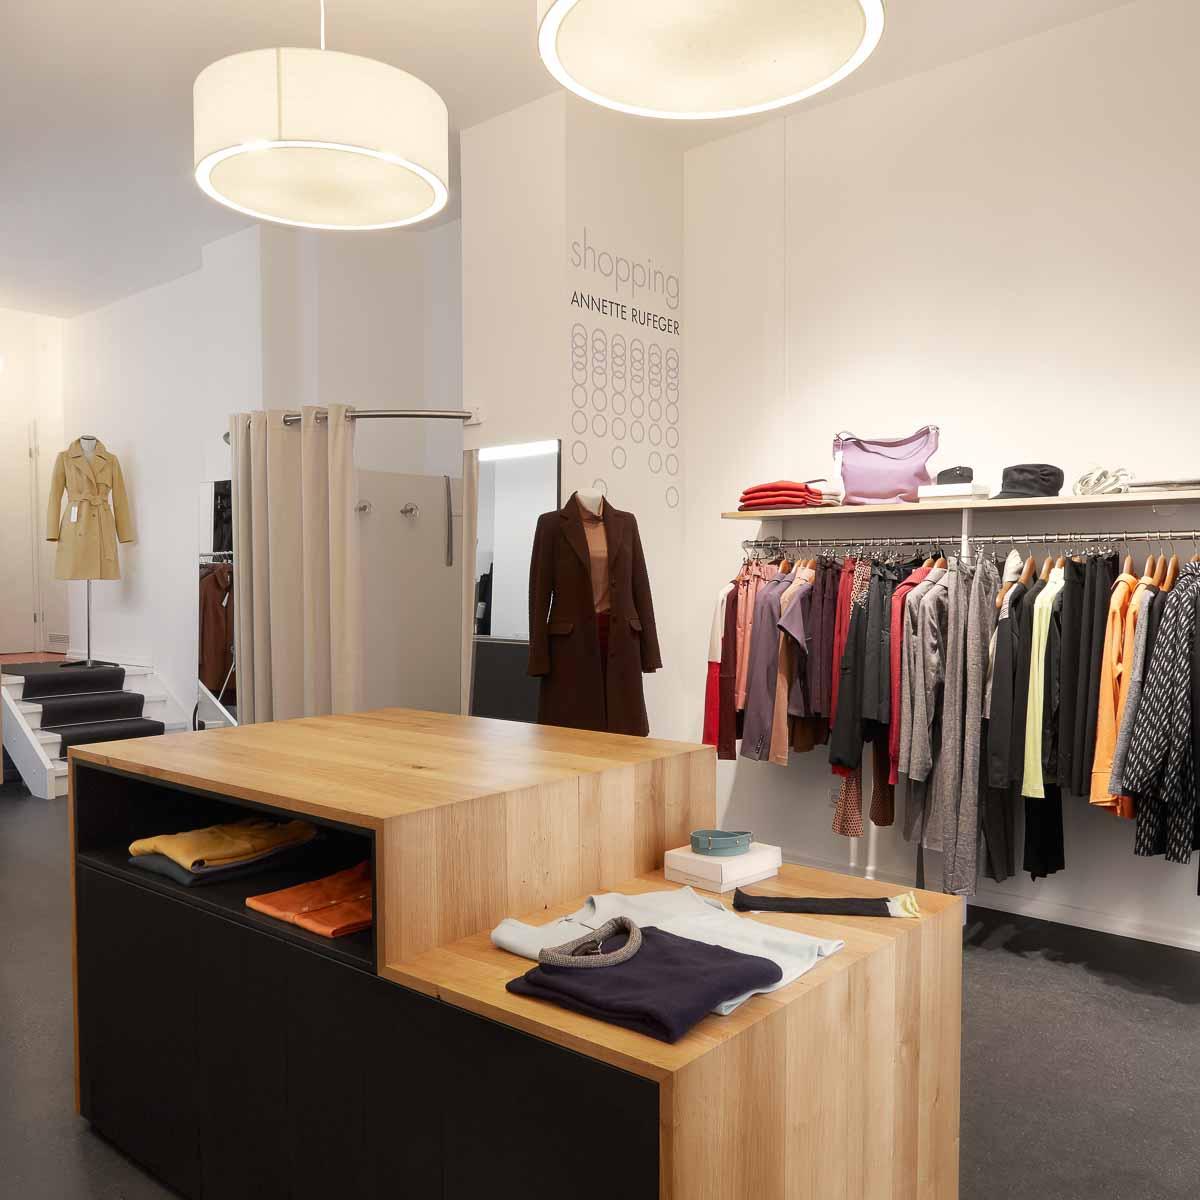 Fashion Store Annette Rufeger Hamburg